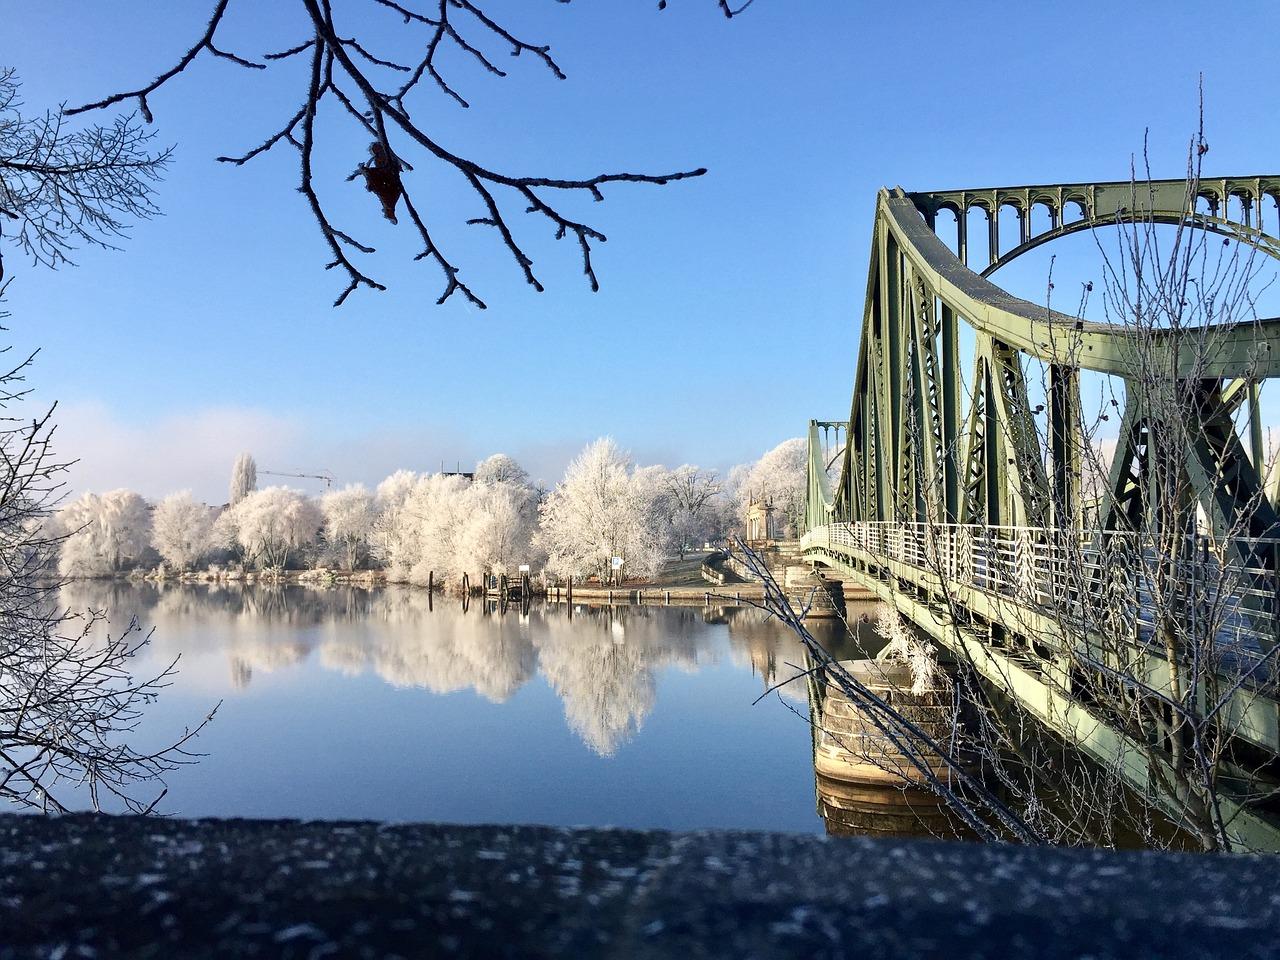 наличники несут берлин зимой картинки дом войдёт сегодня